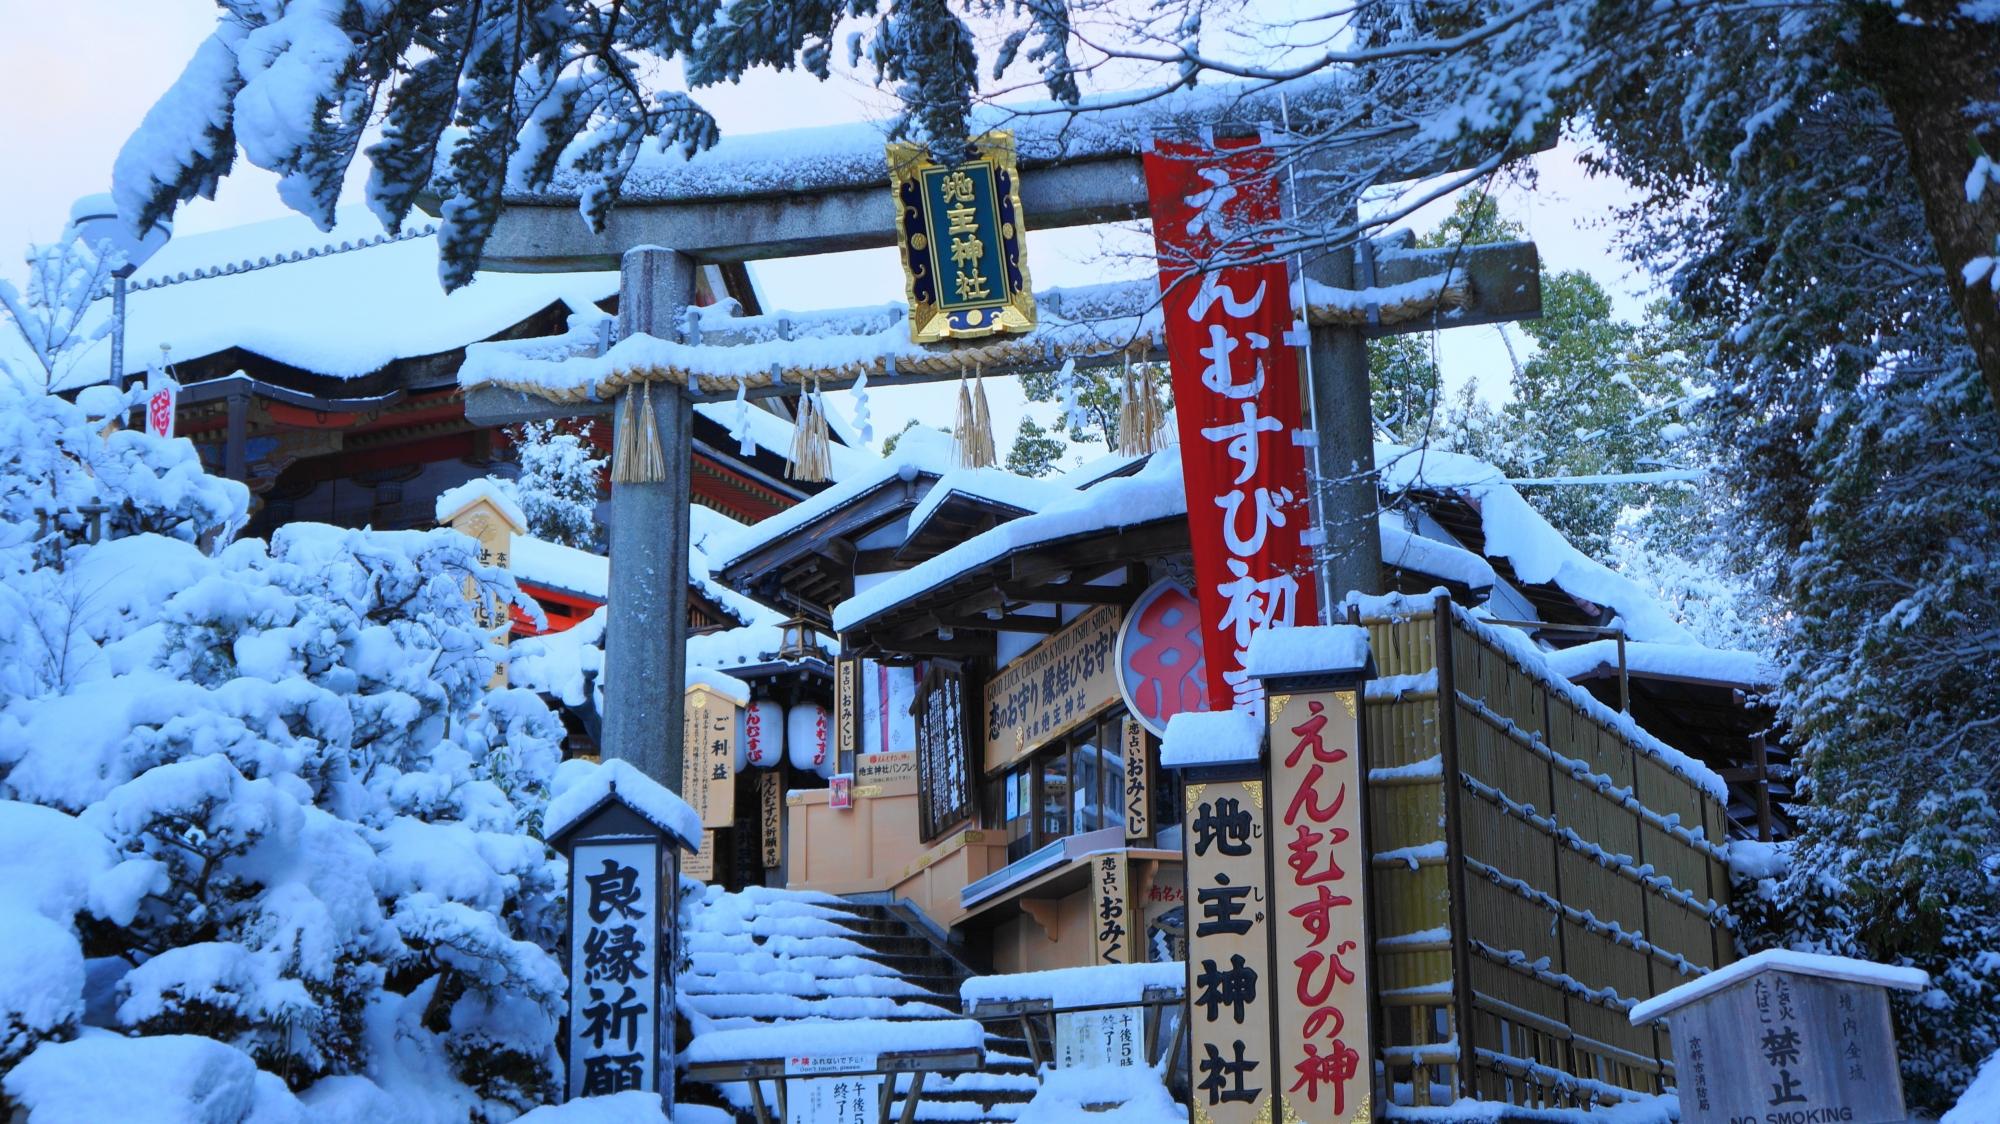 雪がてんこ盛りの清水寺と地主神社